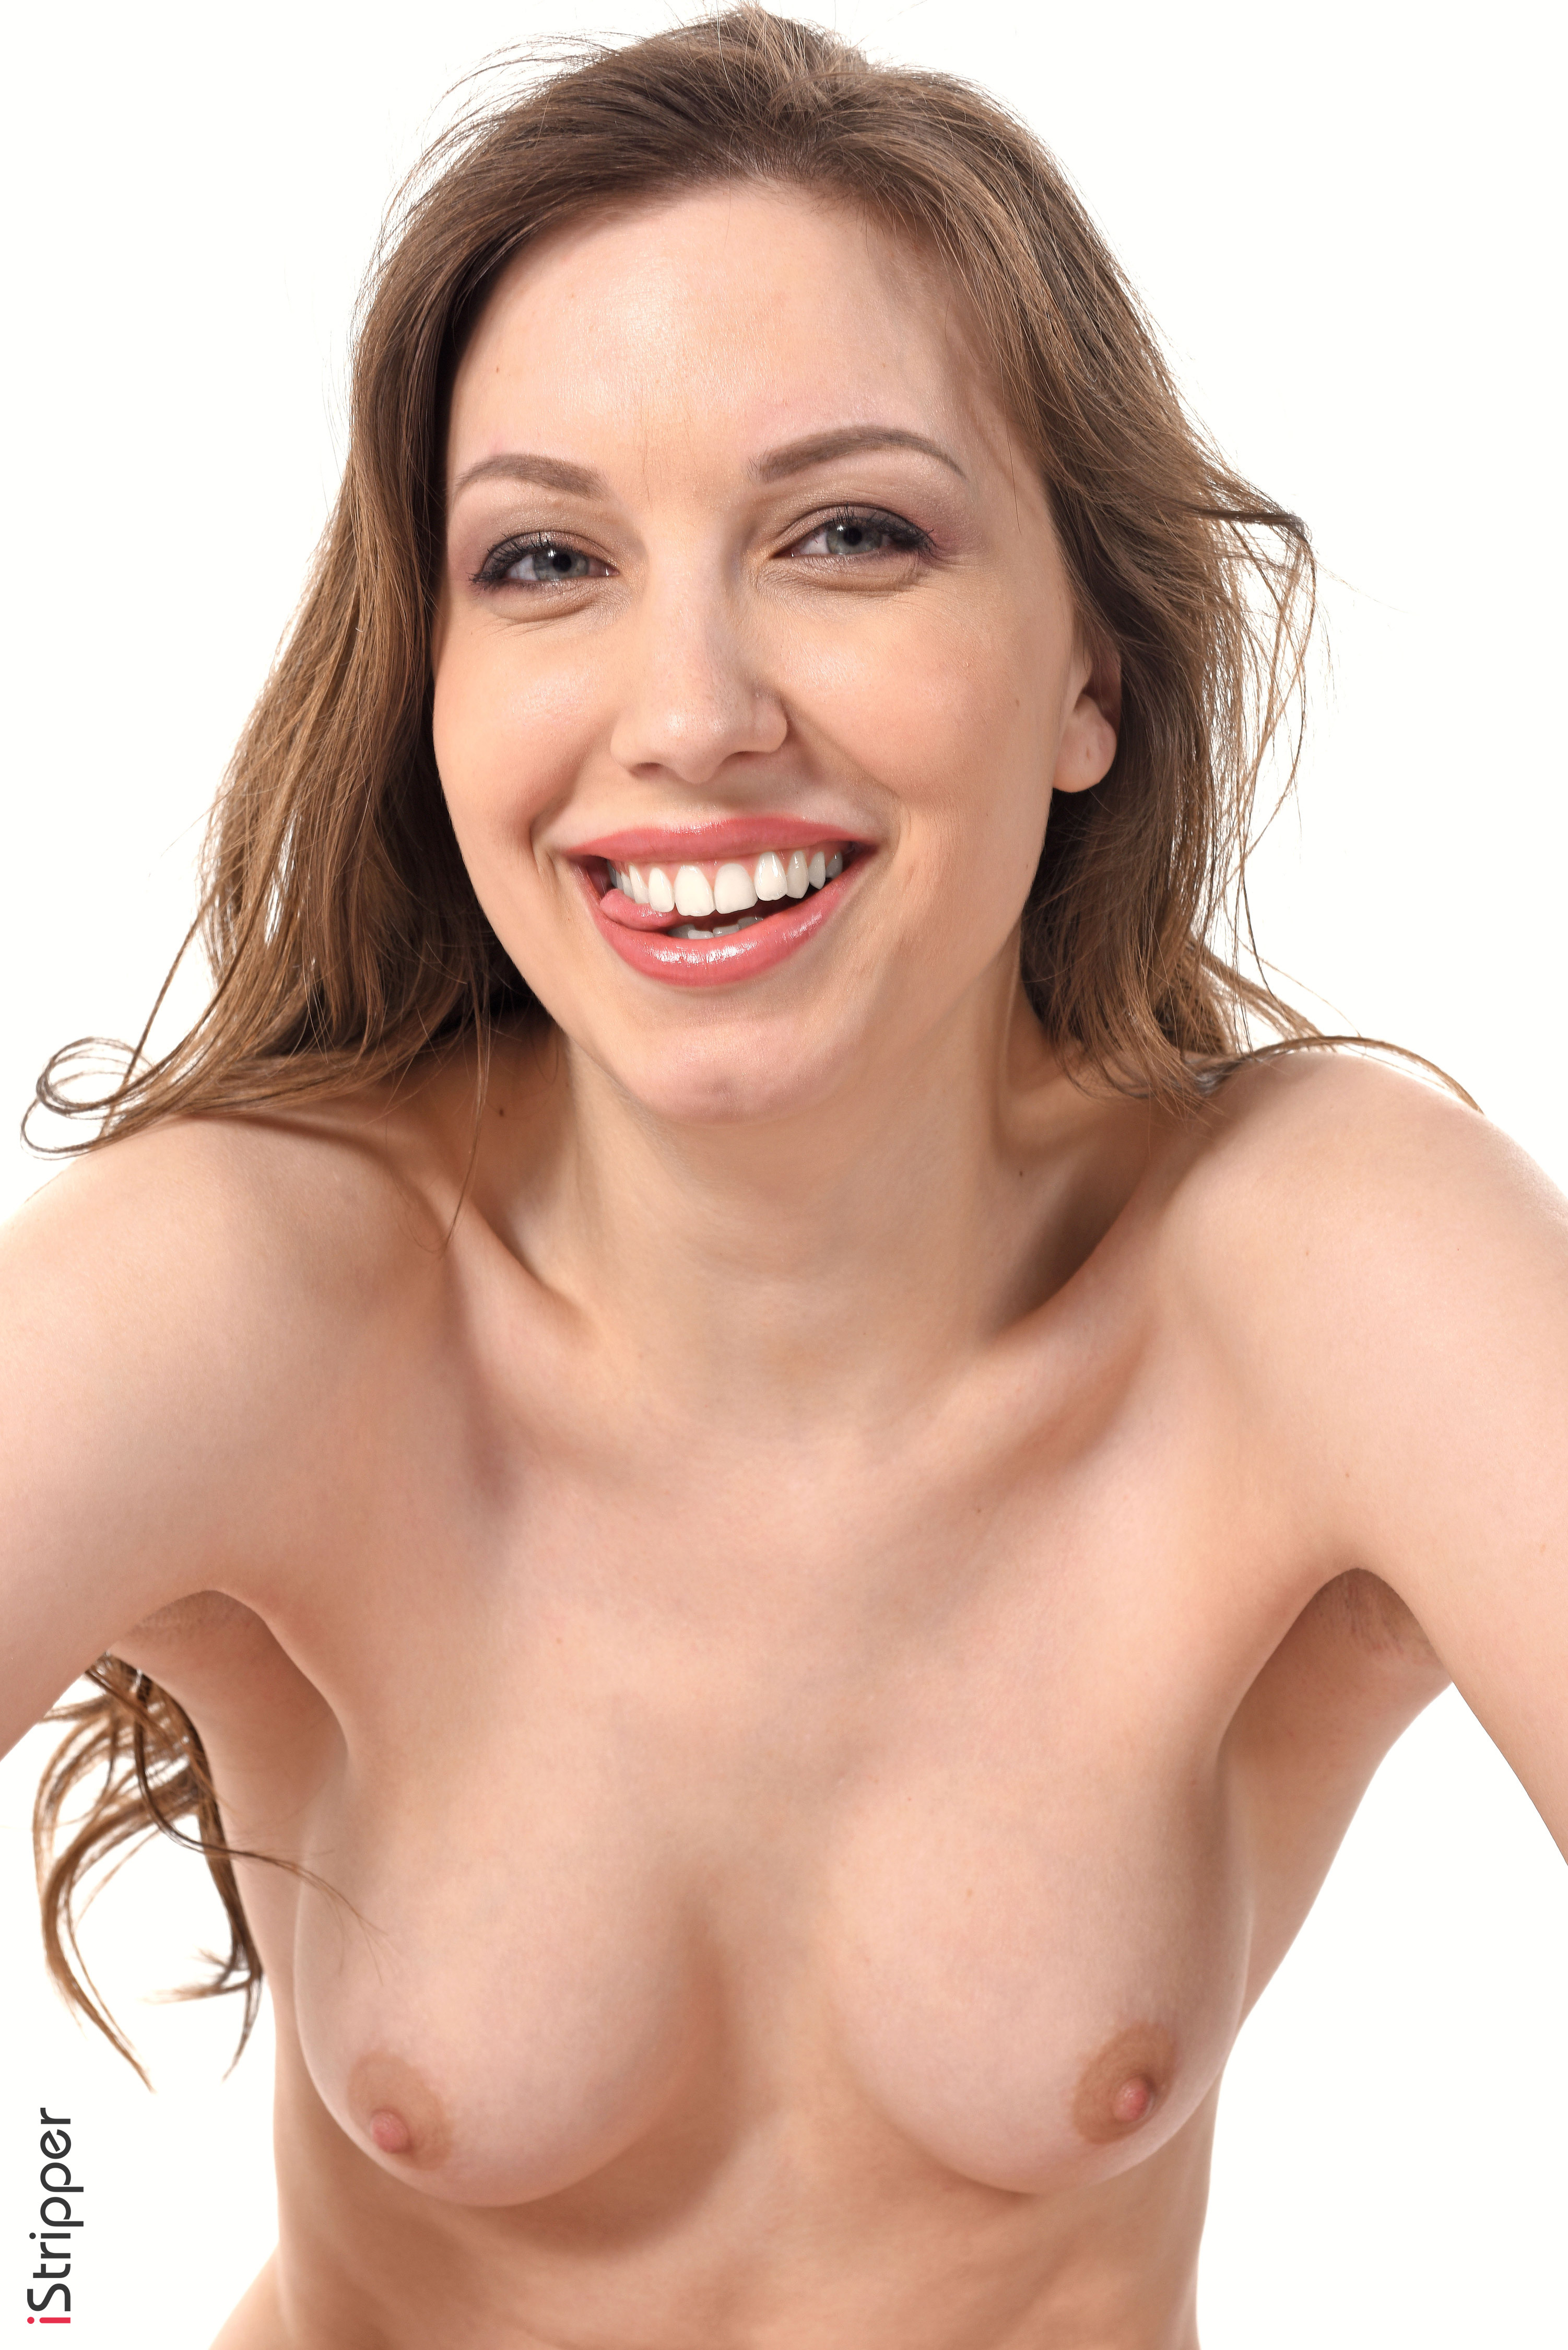 free naked girl wallpaper